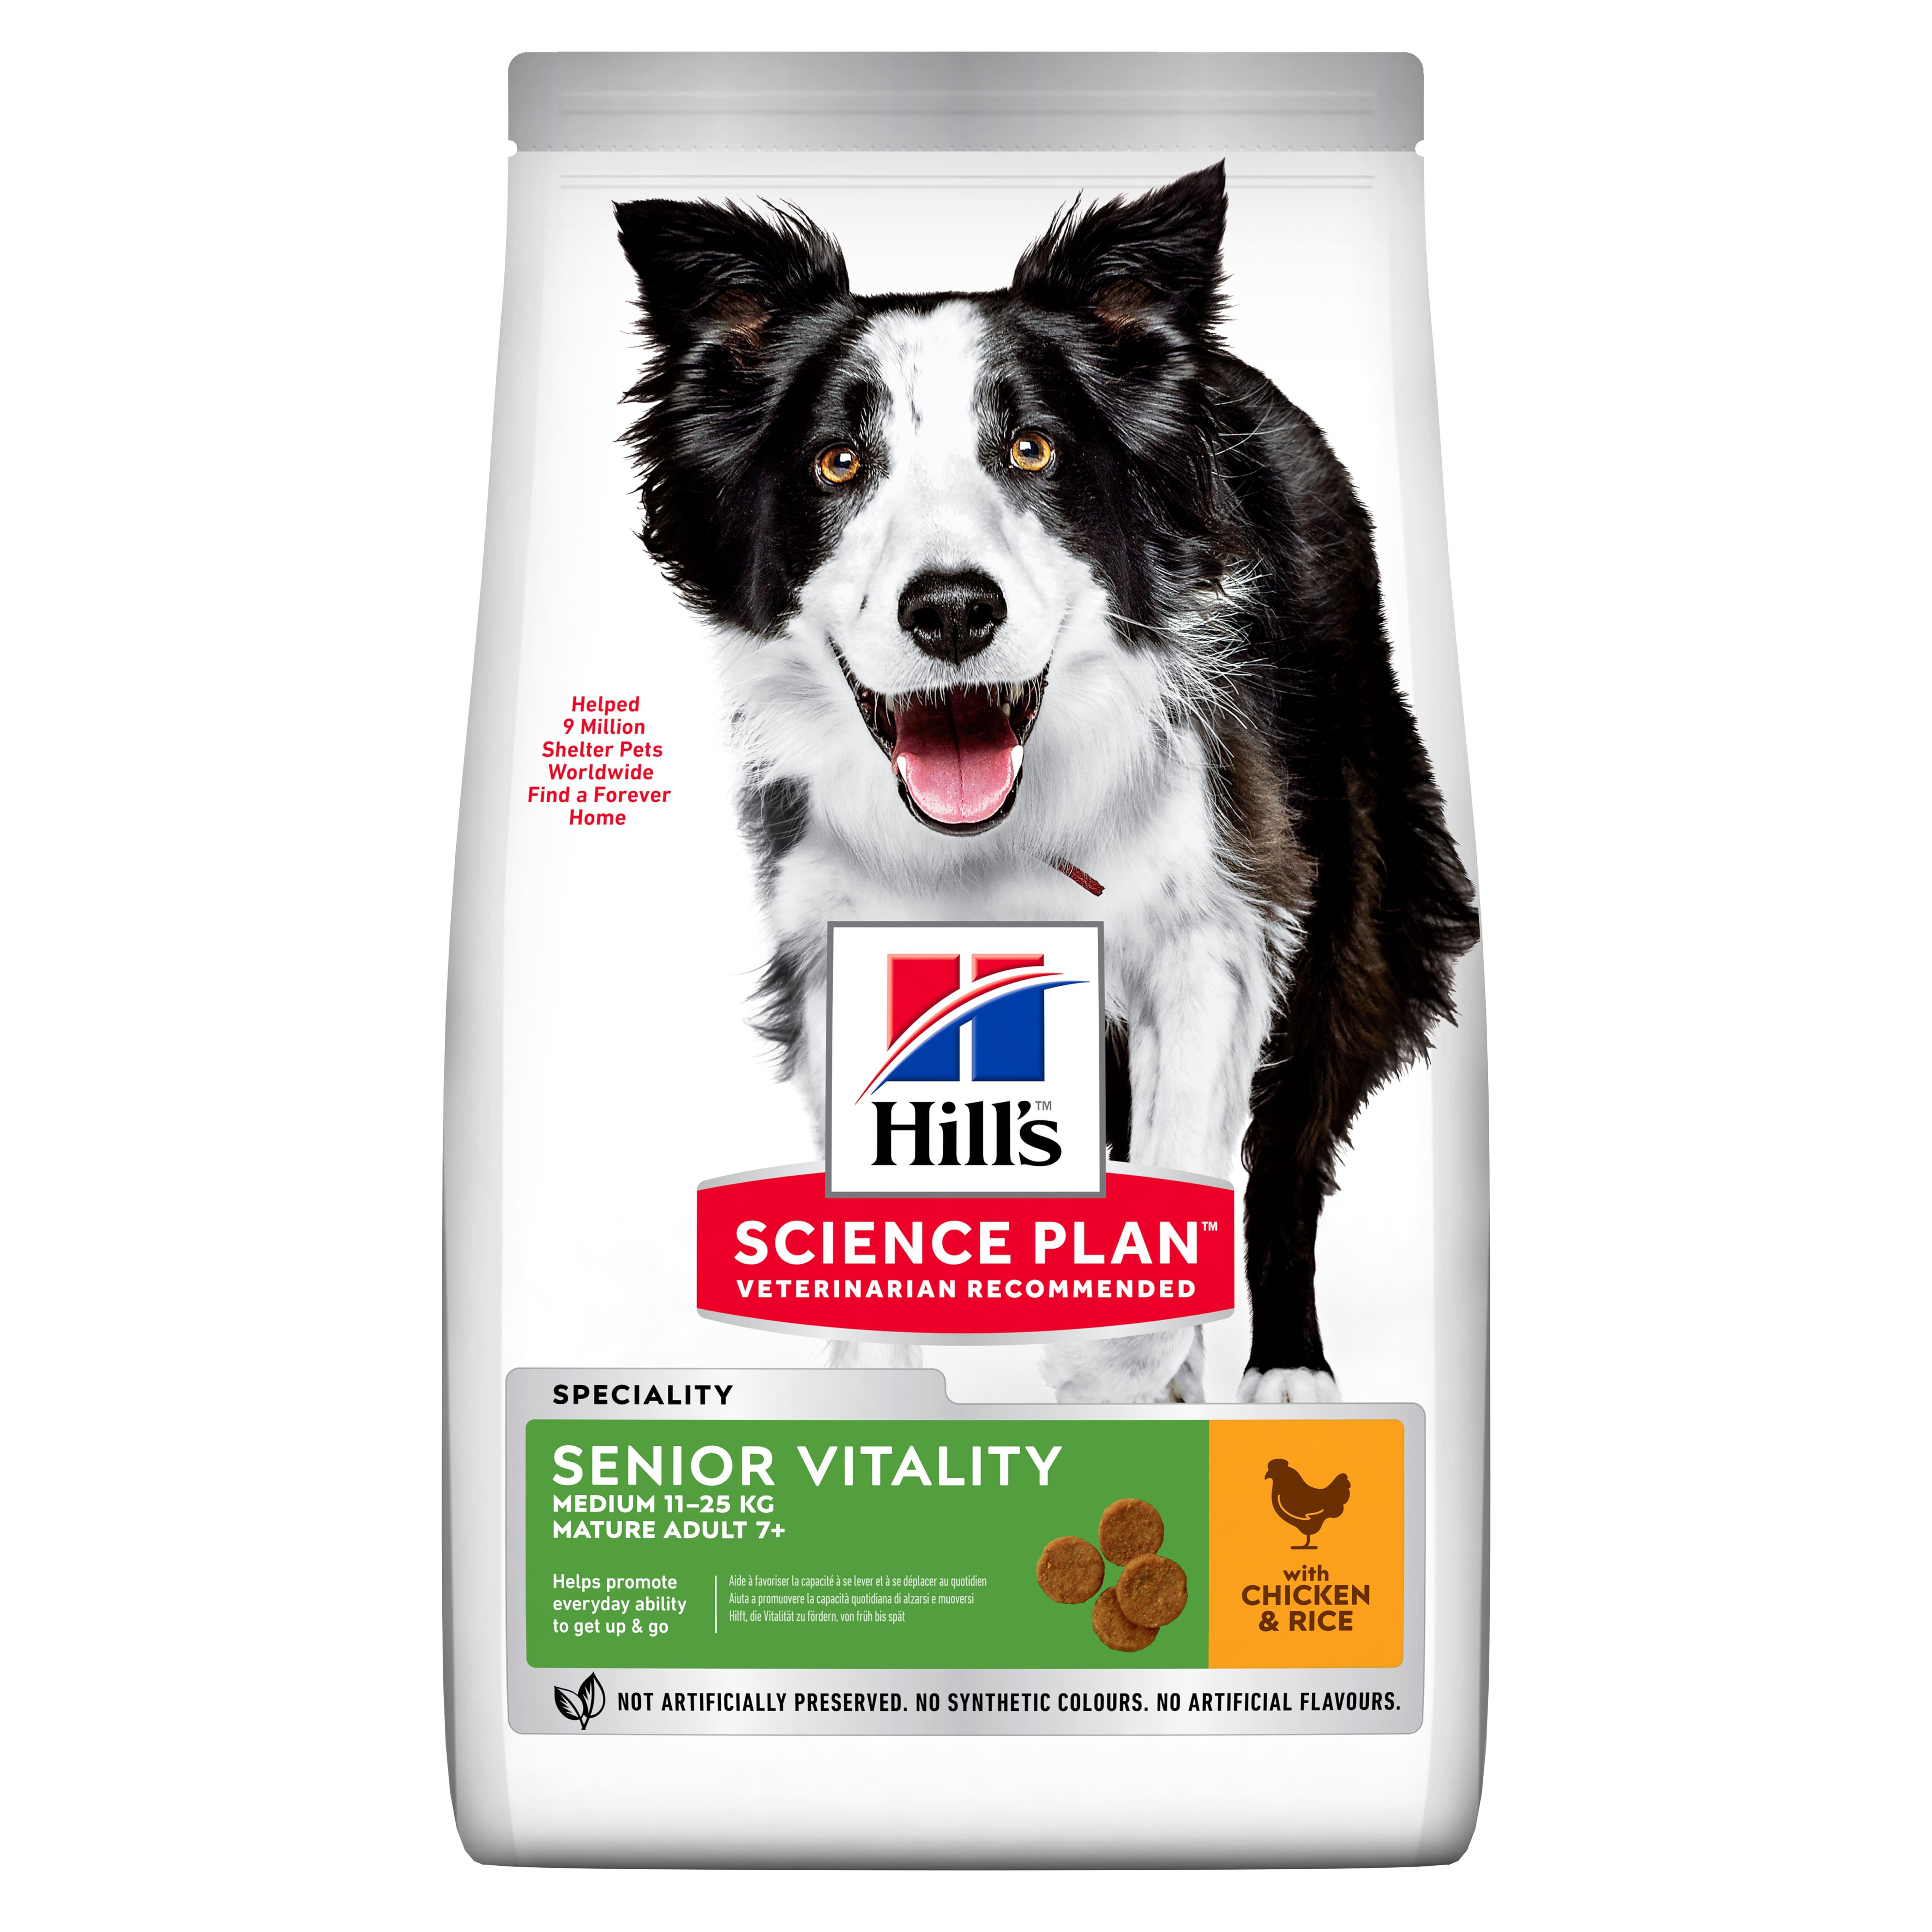 Сухой корм Hill's Science Plan Senior Vitality для пожилых собак средних пород старше 7 лет, с курицей и рисом, 12кг